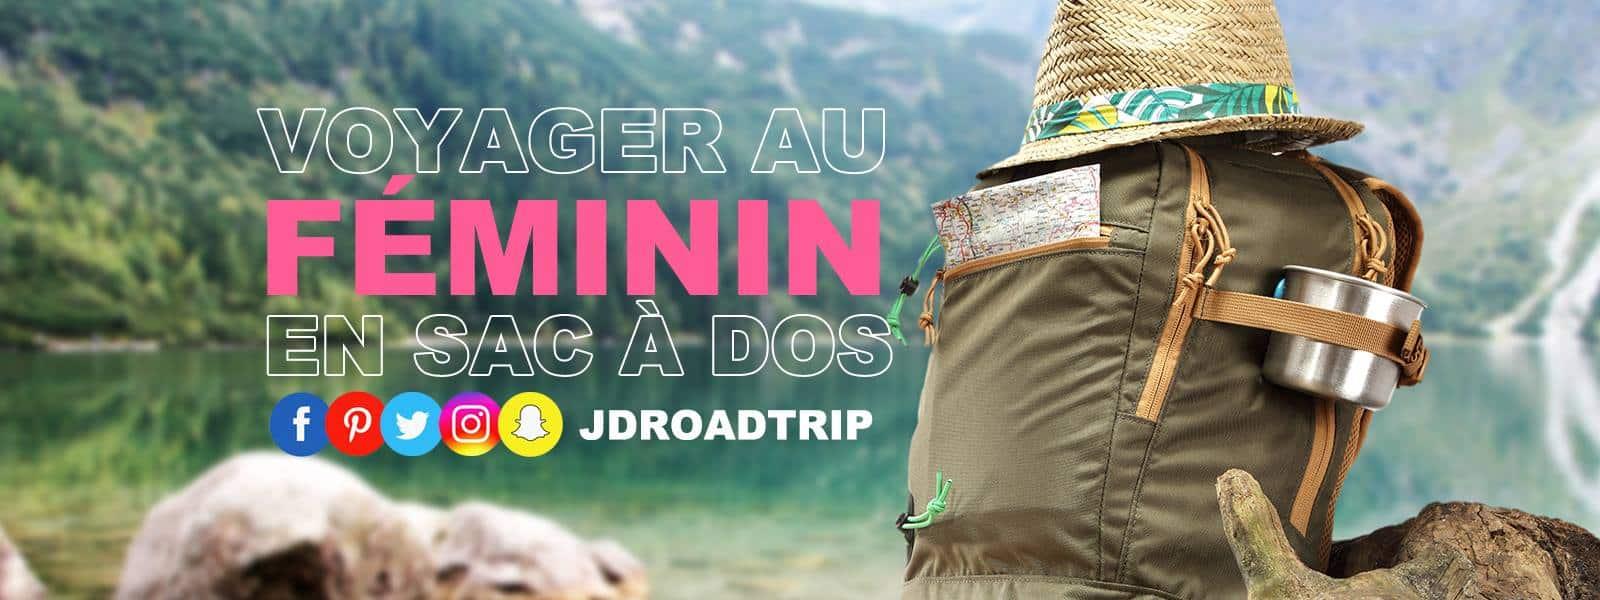 Conseils pratiques pour voyager au féminin - www.JDroadtrip.tv